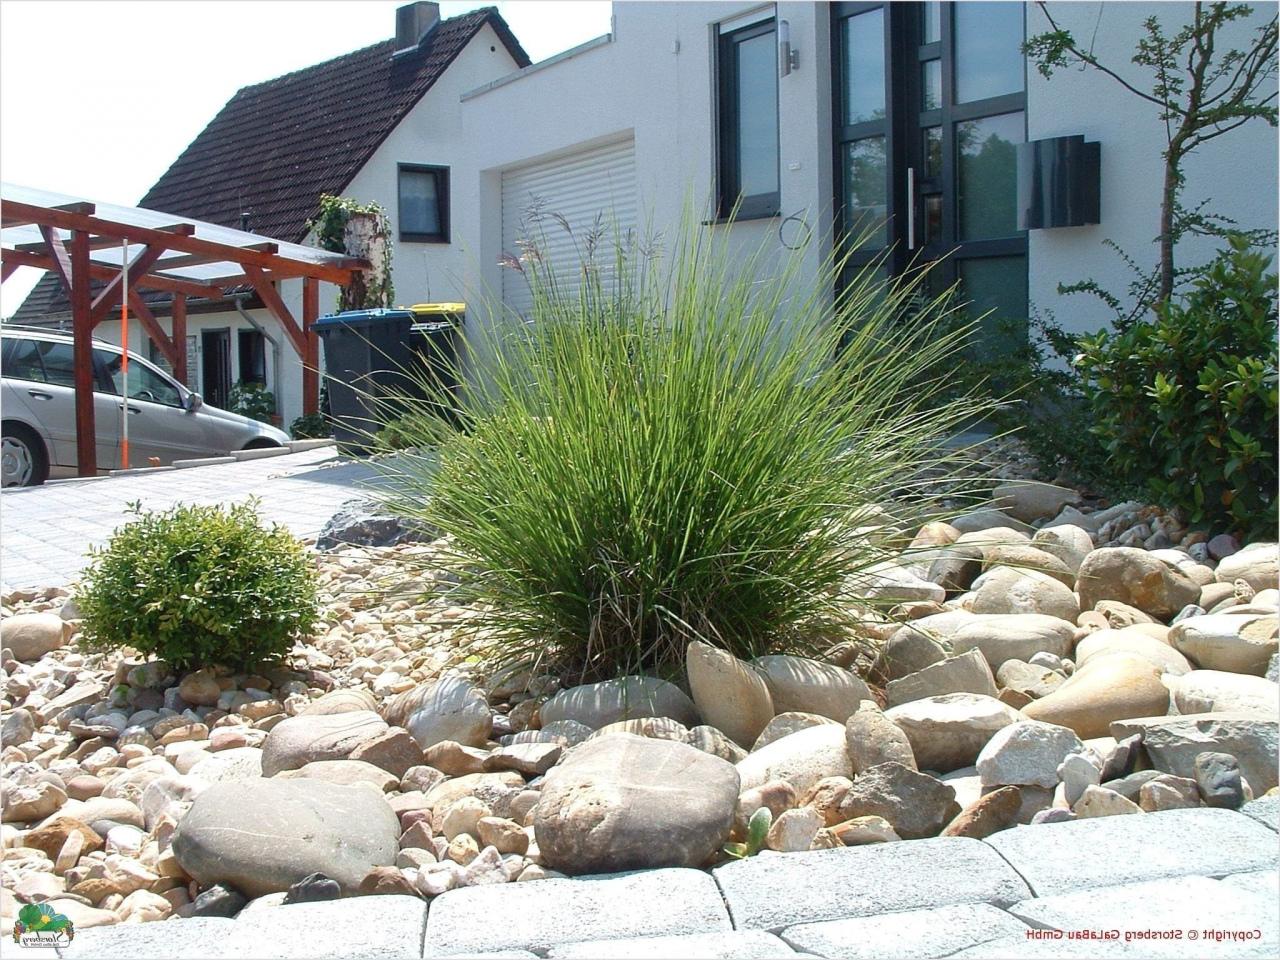 landscaping with rocks garten gestalten mit wenig geld beispiele kleingarten ideen 0d fur durch landscaping with rocks